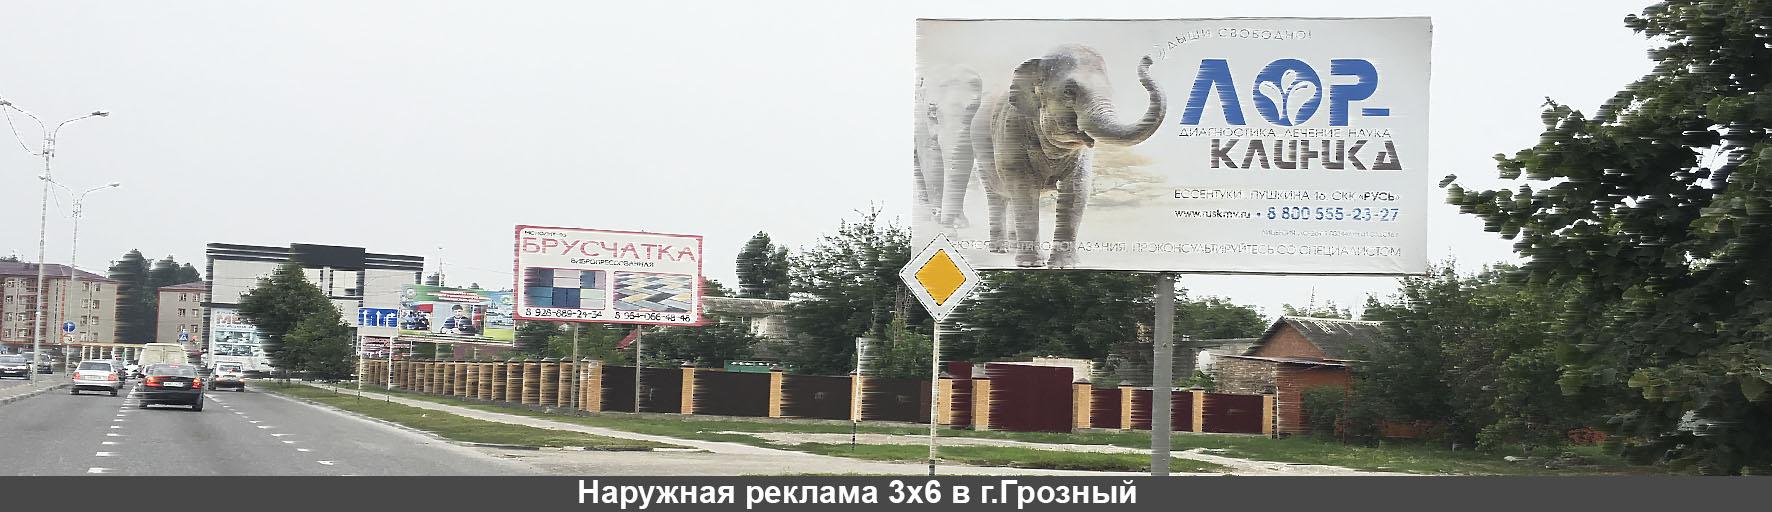 Наружная реклама в населенных пунктах Чечни щиты